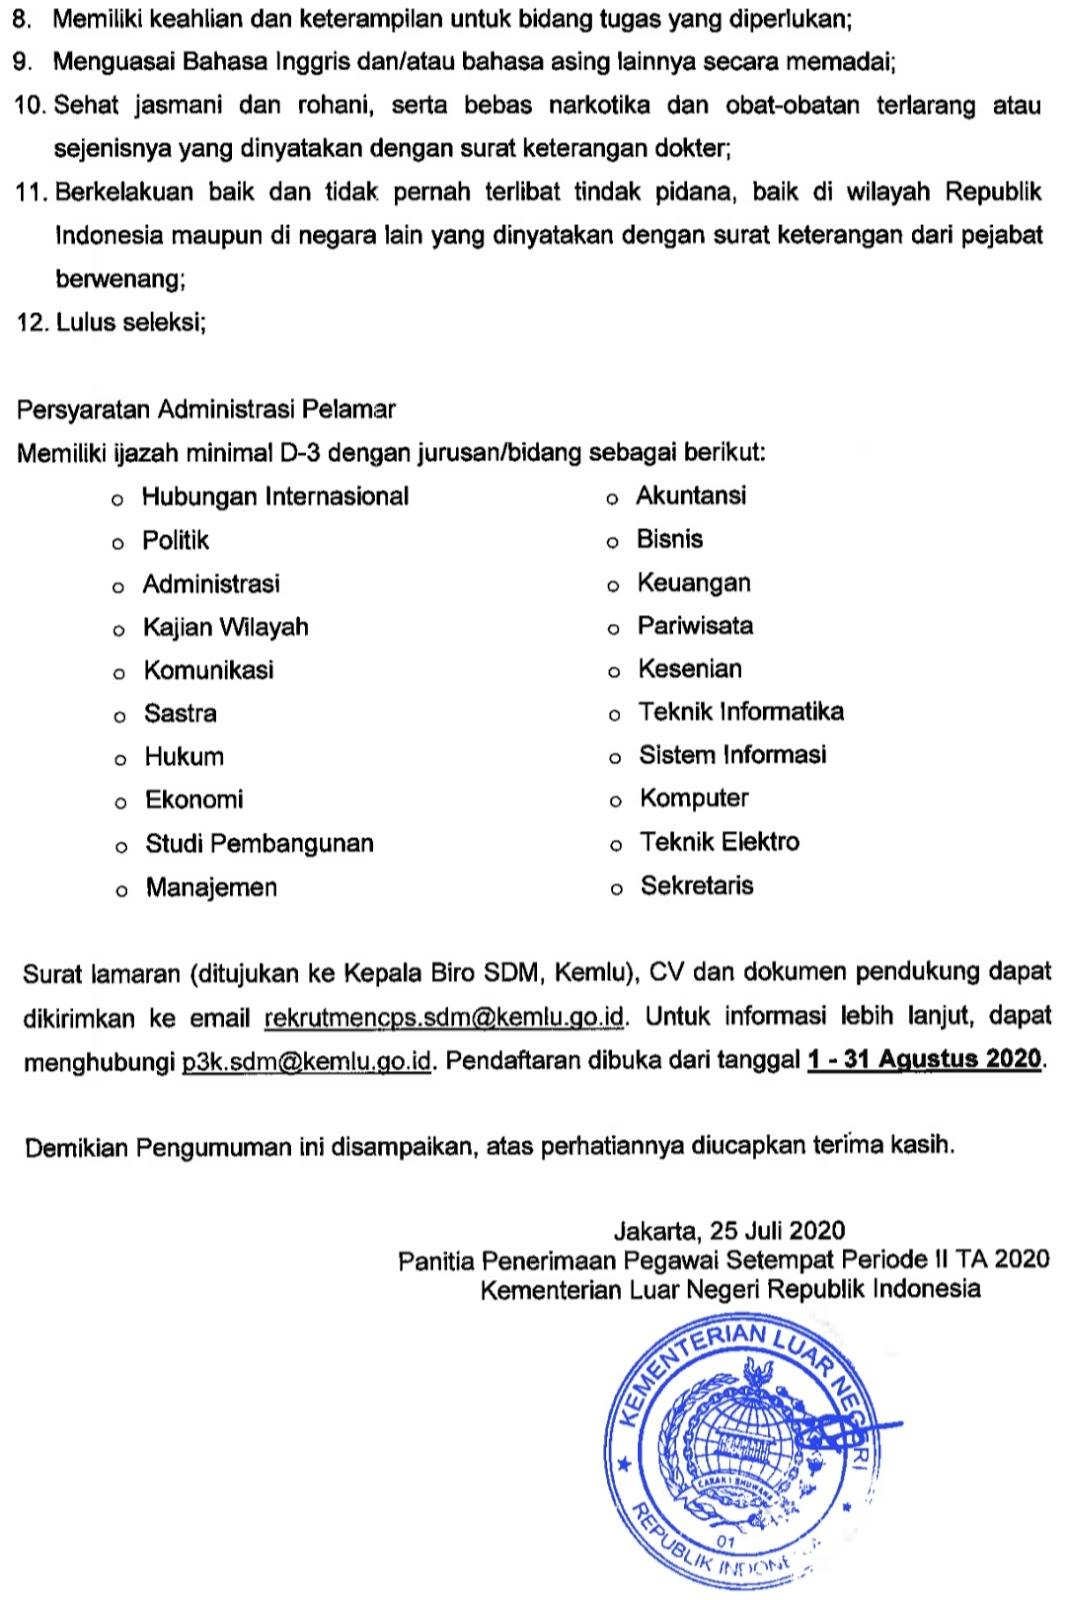 Kementerian Luar Negeri membuka kesempatan kepada warga negara Indonesia yang memenuhi syarat untuk menjadi Pegawai Setempat di Perwakilan Republik Indonesia di luar negeri melalui Penerimaan Pegawai Setempat Periode II TA 2020